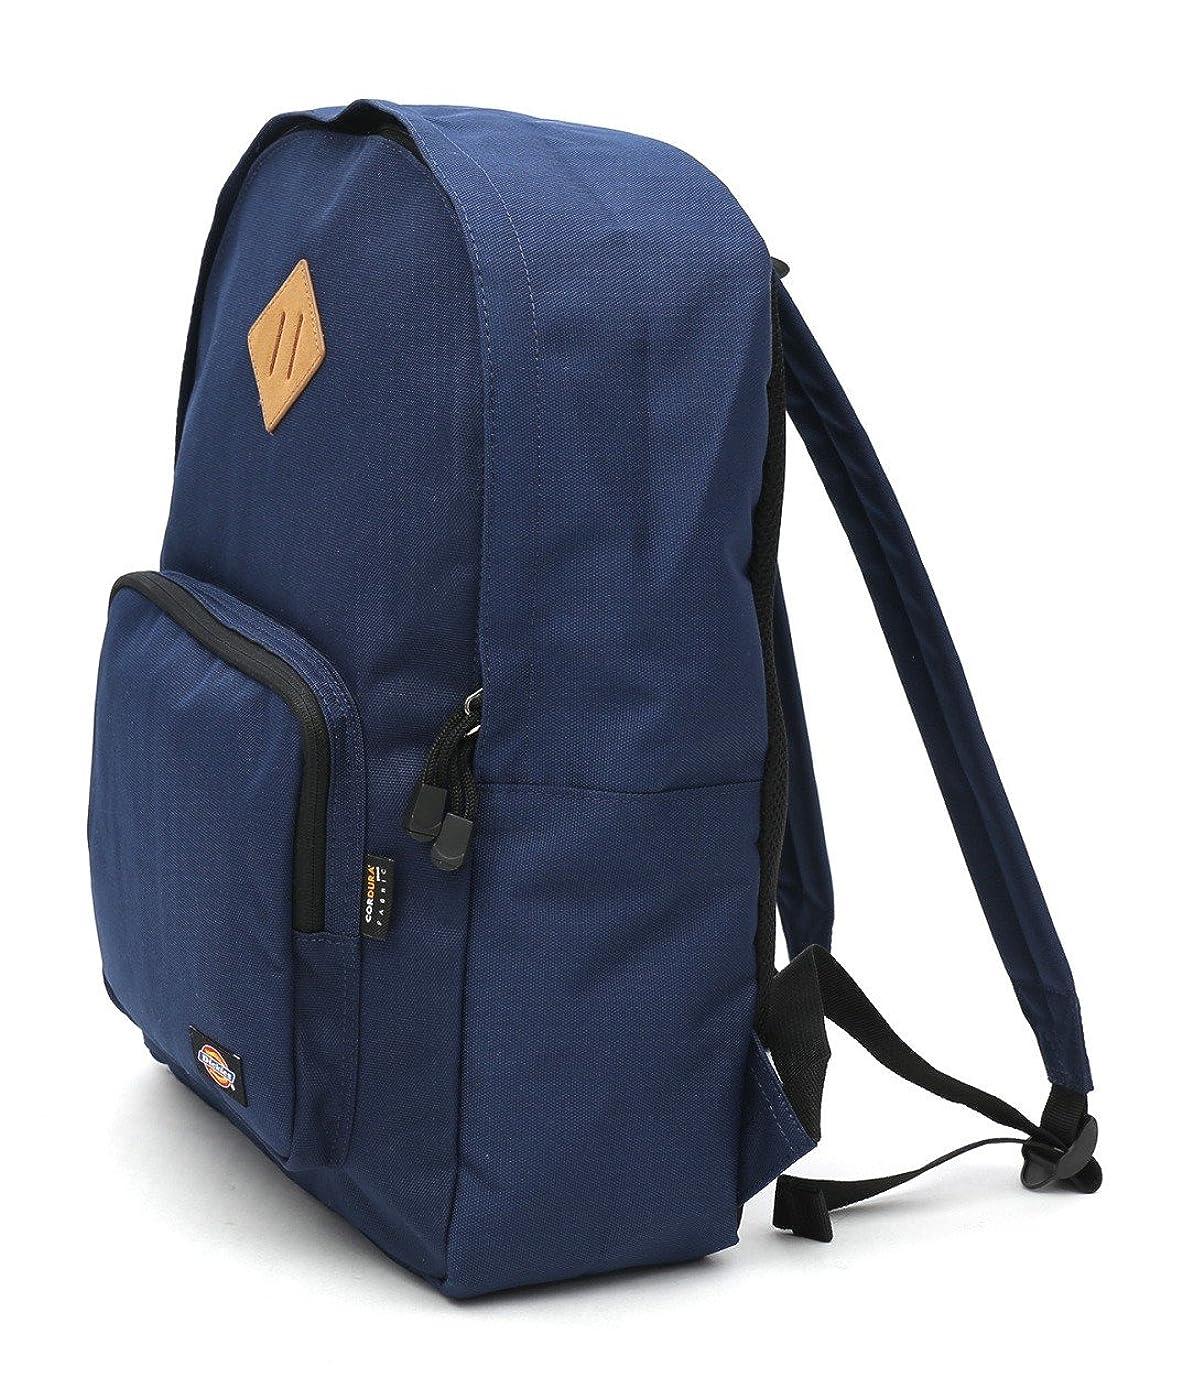 申請中連鎖布(ディッキーズ) リュック Dickies メンズ リュック バックパック 鞄